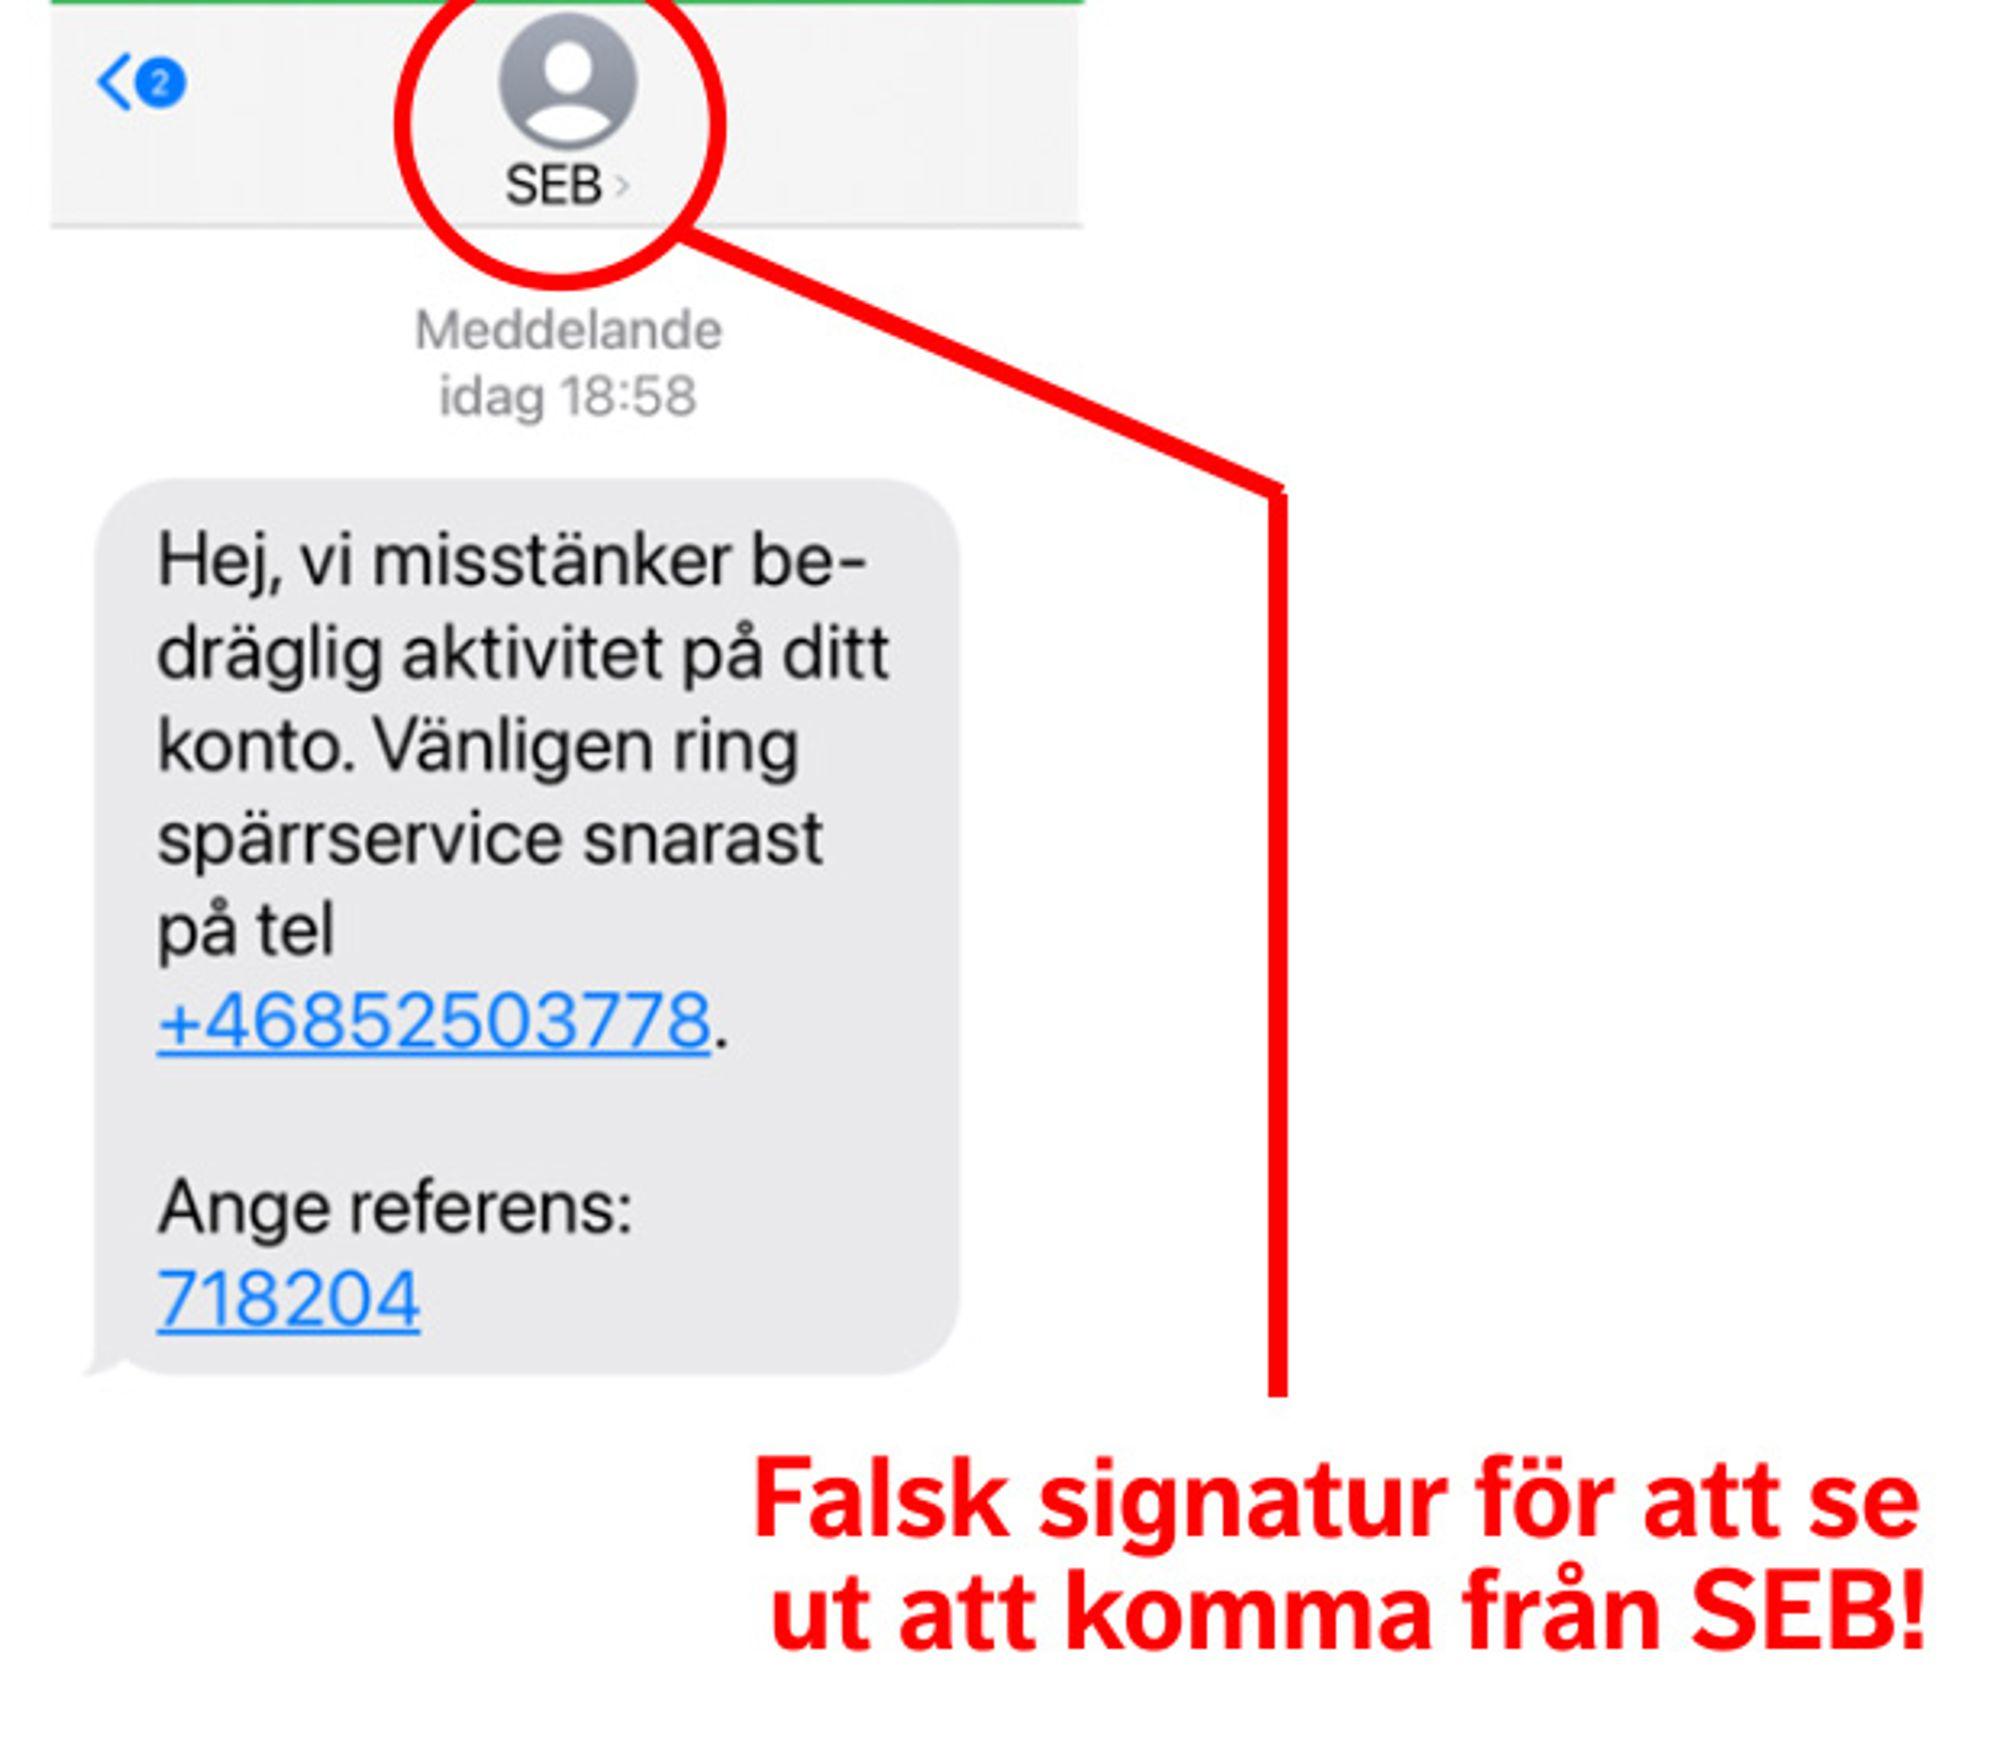 Falska sms som ser ut att vara från SEB - Bedrägeri